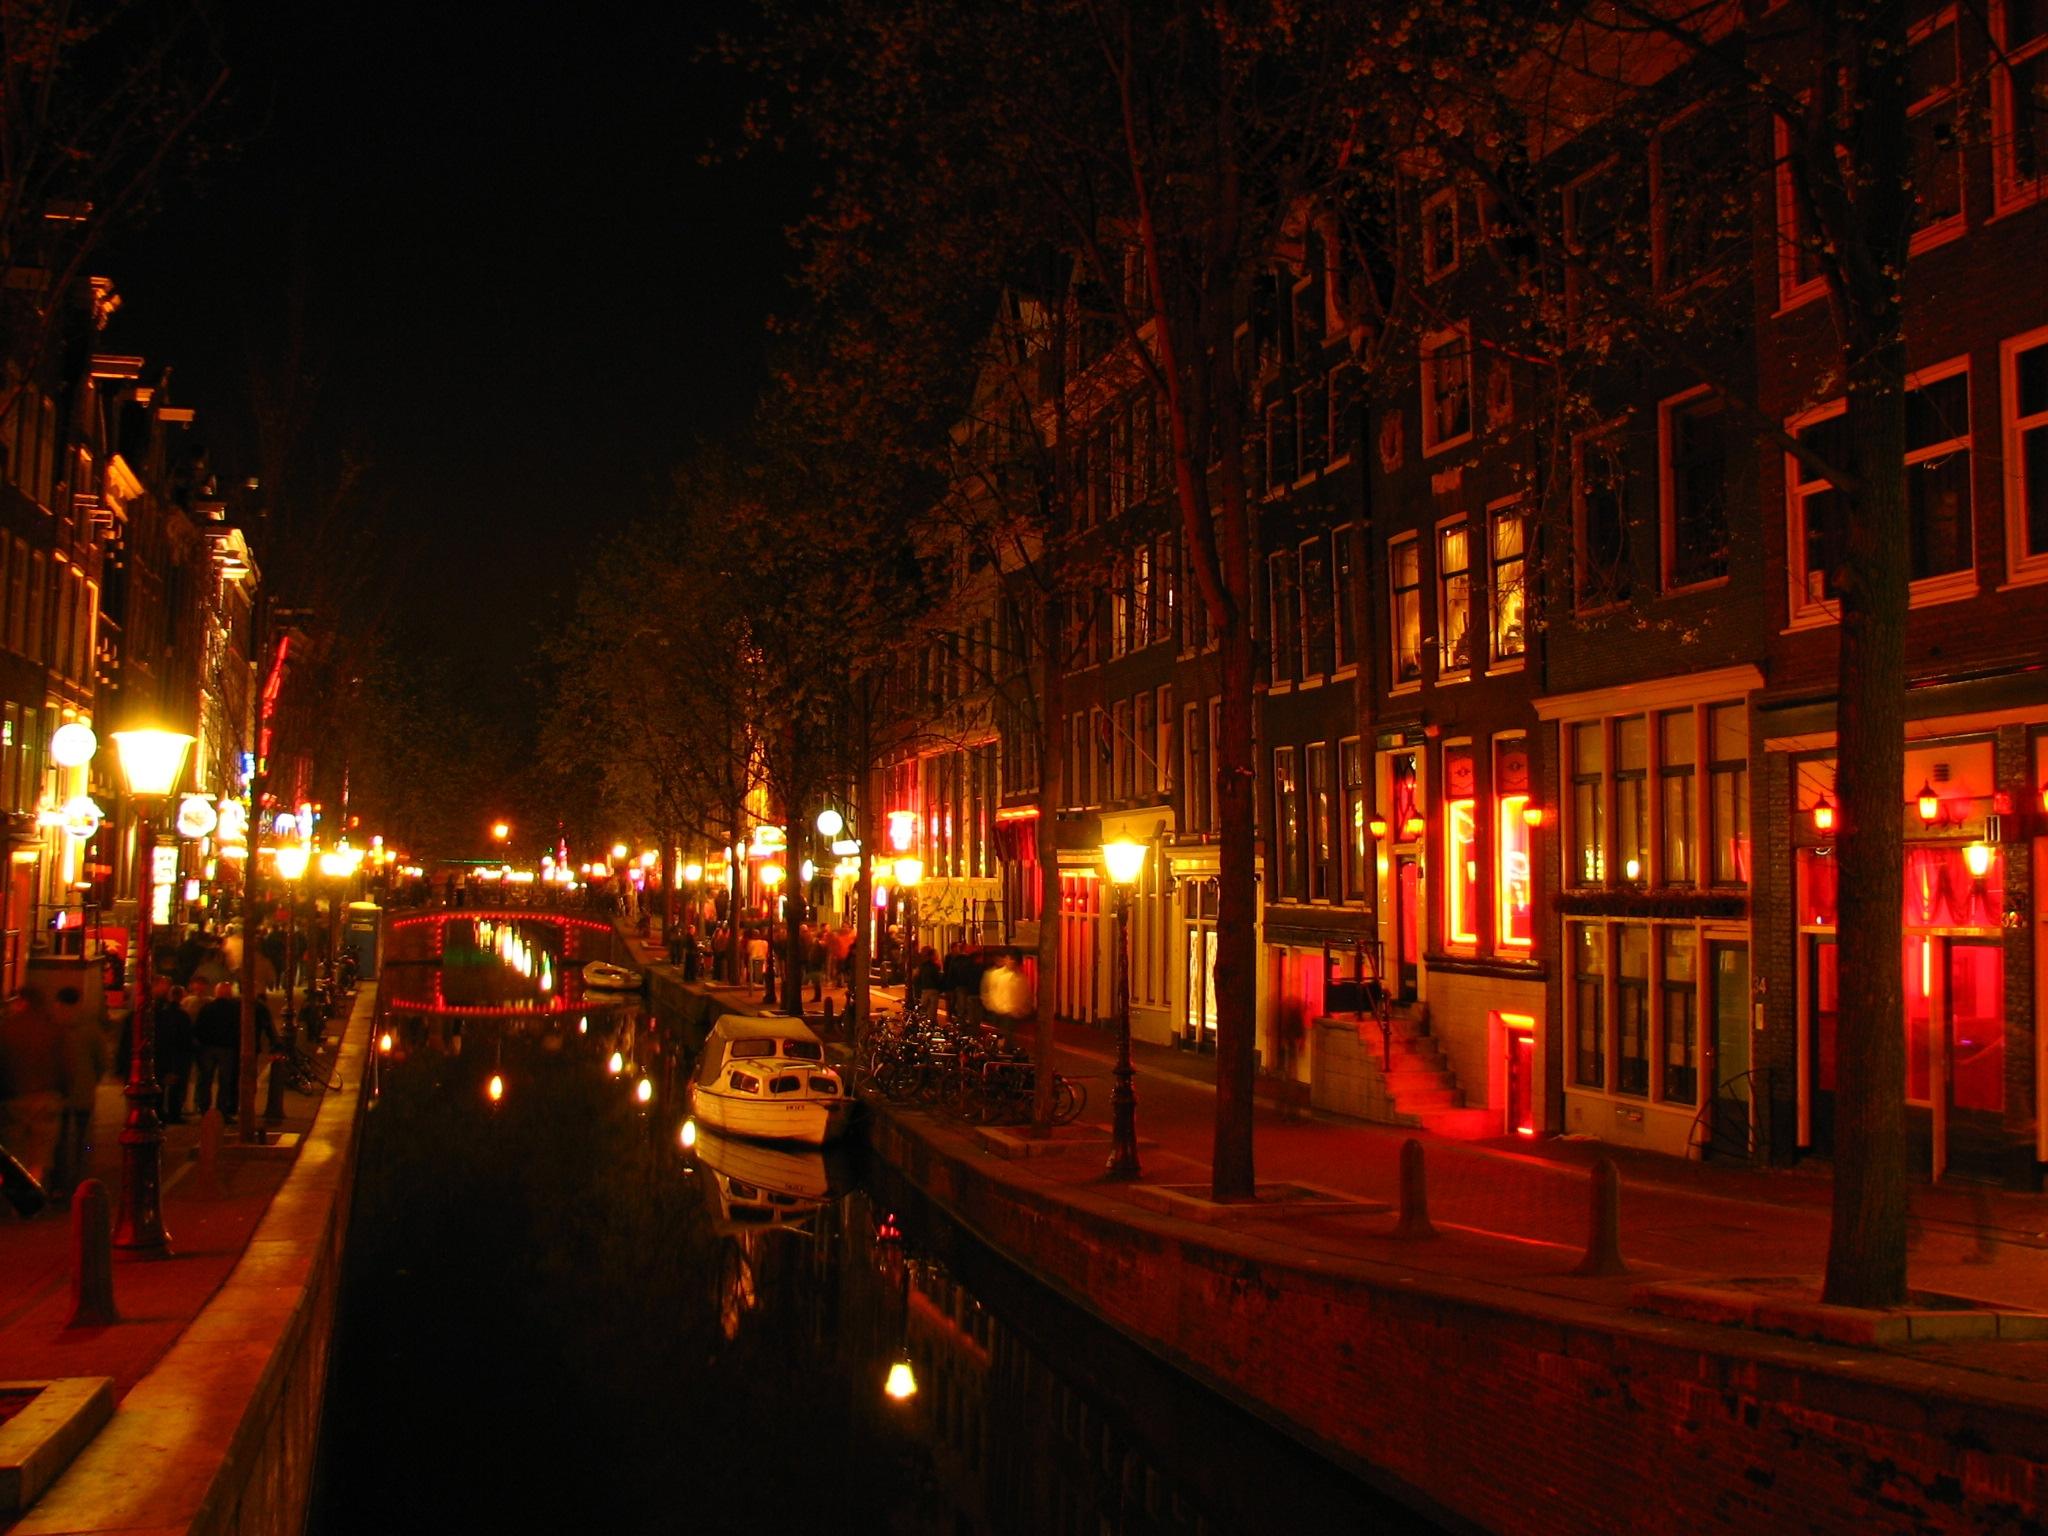 Những khu đèn đỏ tiếng tăm và nhộn nhịp nhất toàn cầu